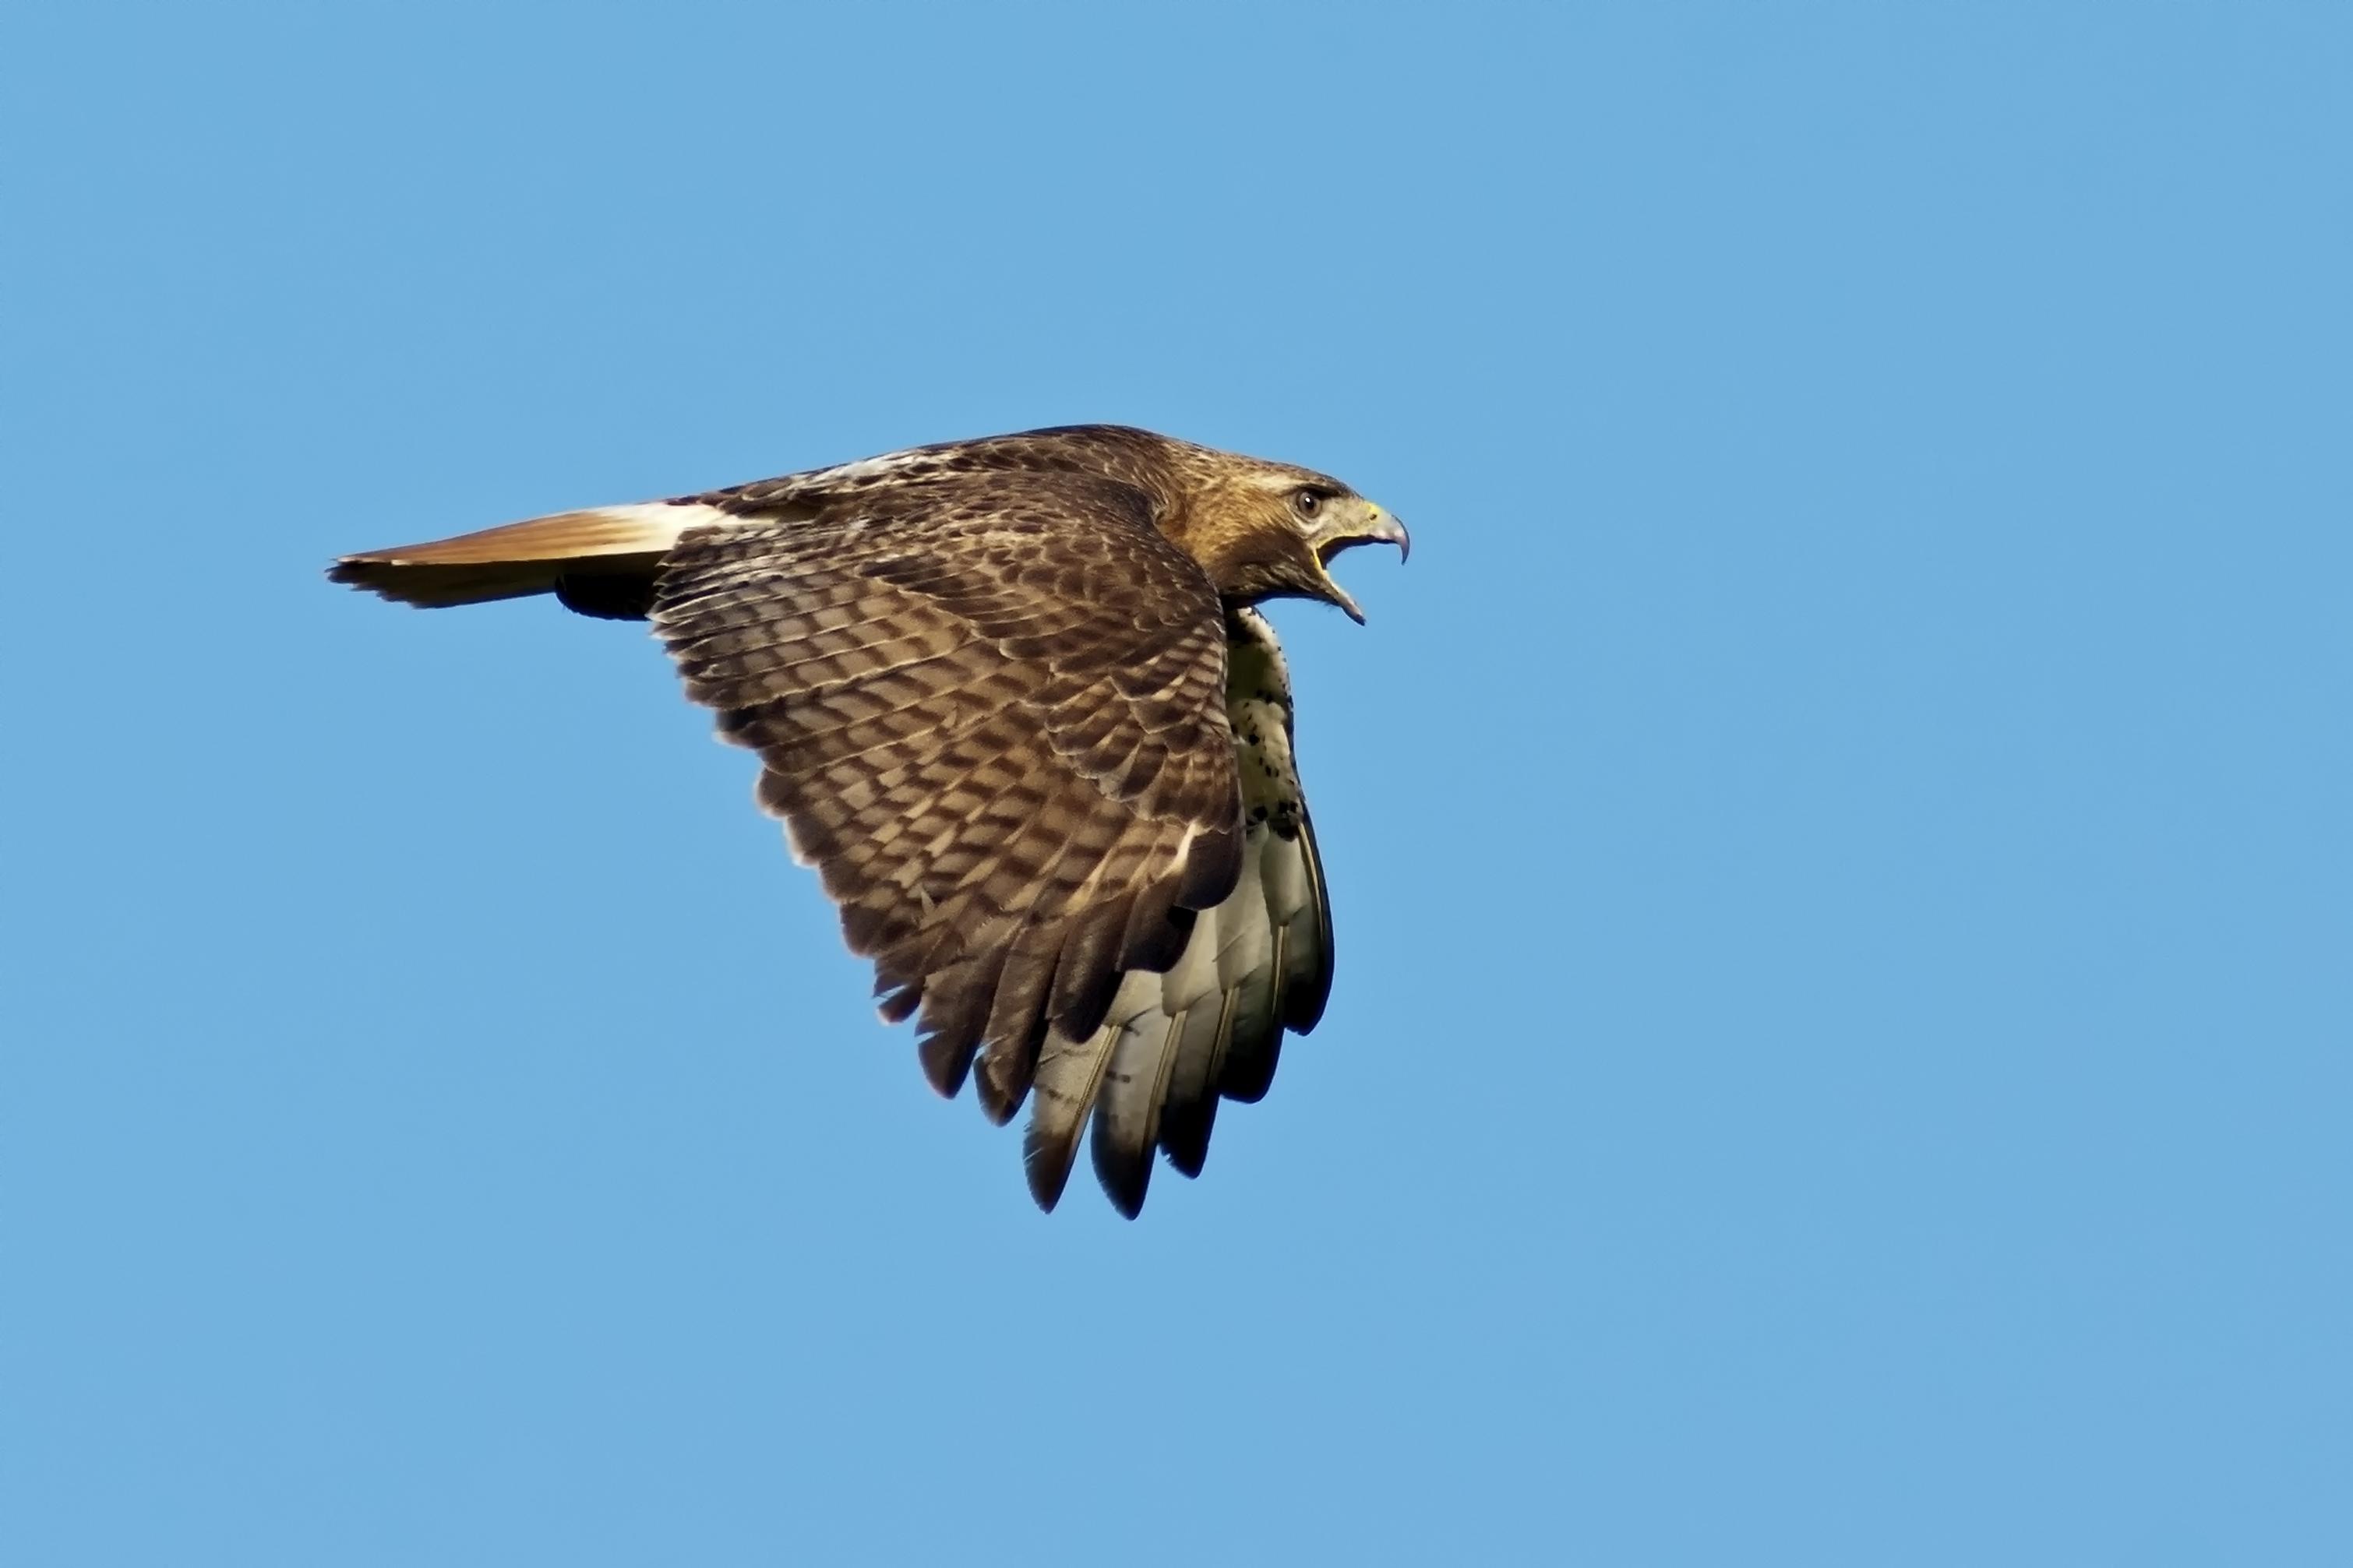 A brown hawk flies in a blue sky, mouth agape.